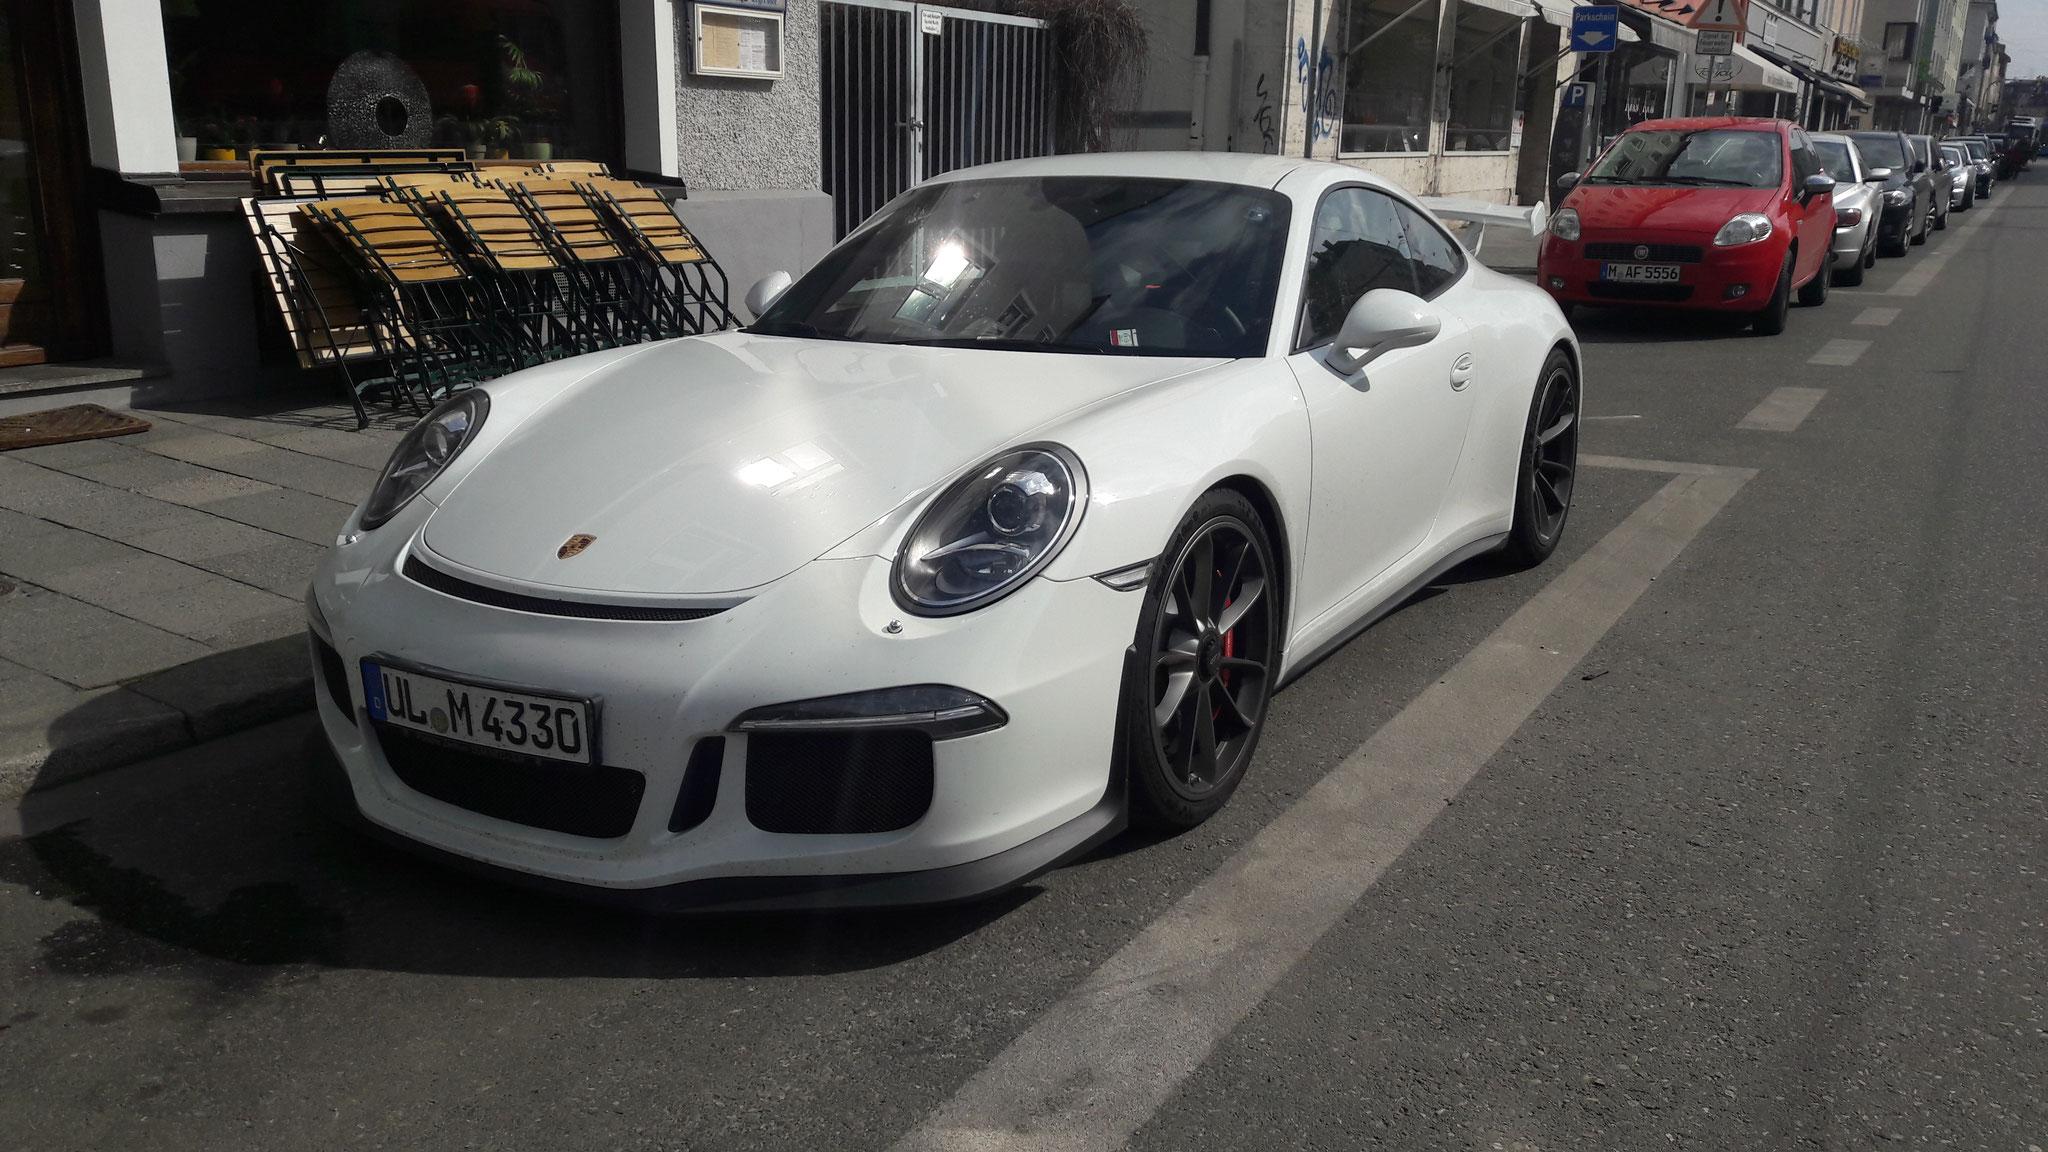 Porsche 991 GT3 - UL-M-4330